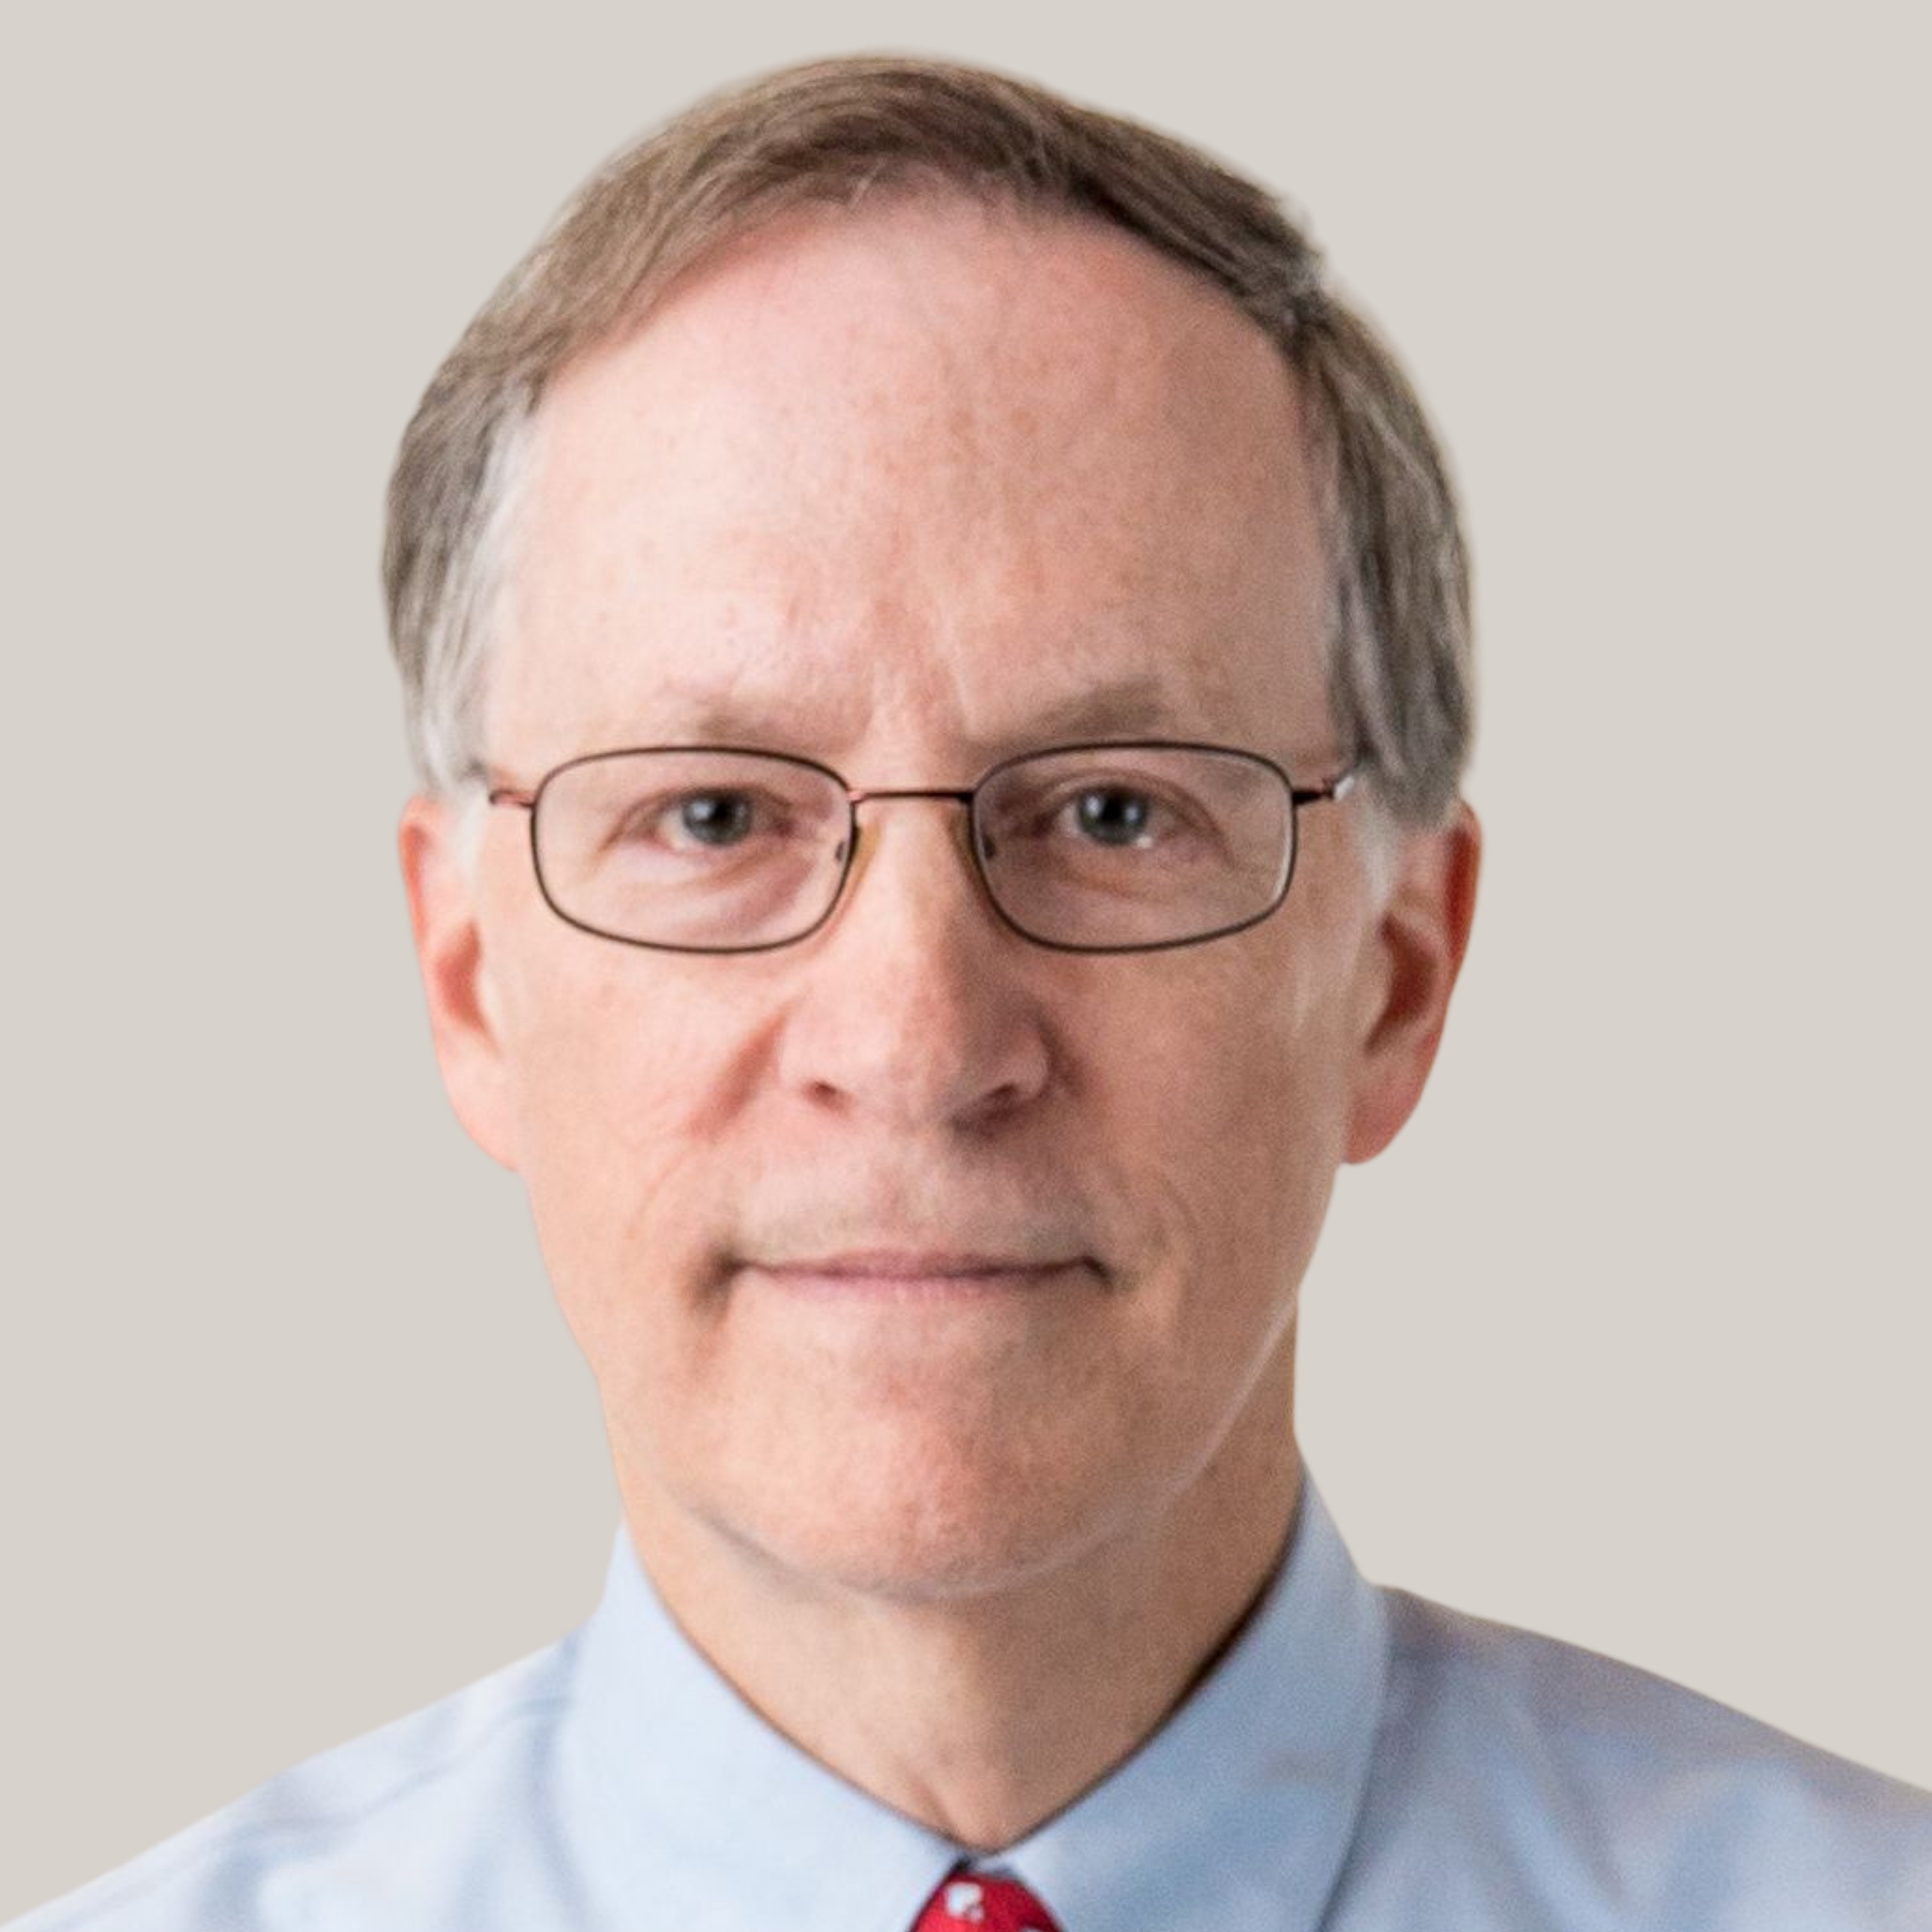 Dr. Owen Davis